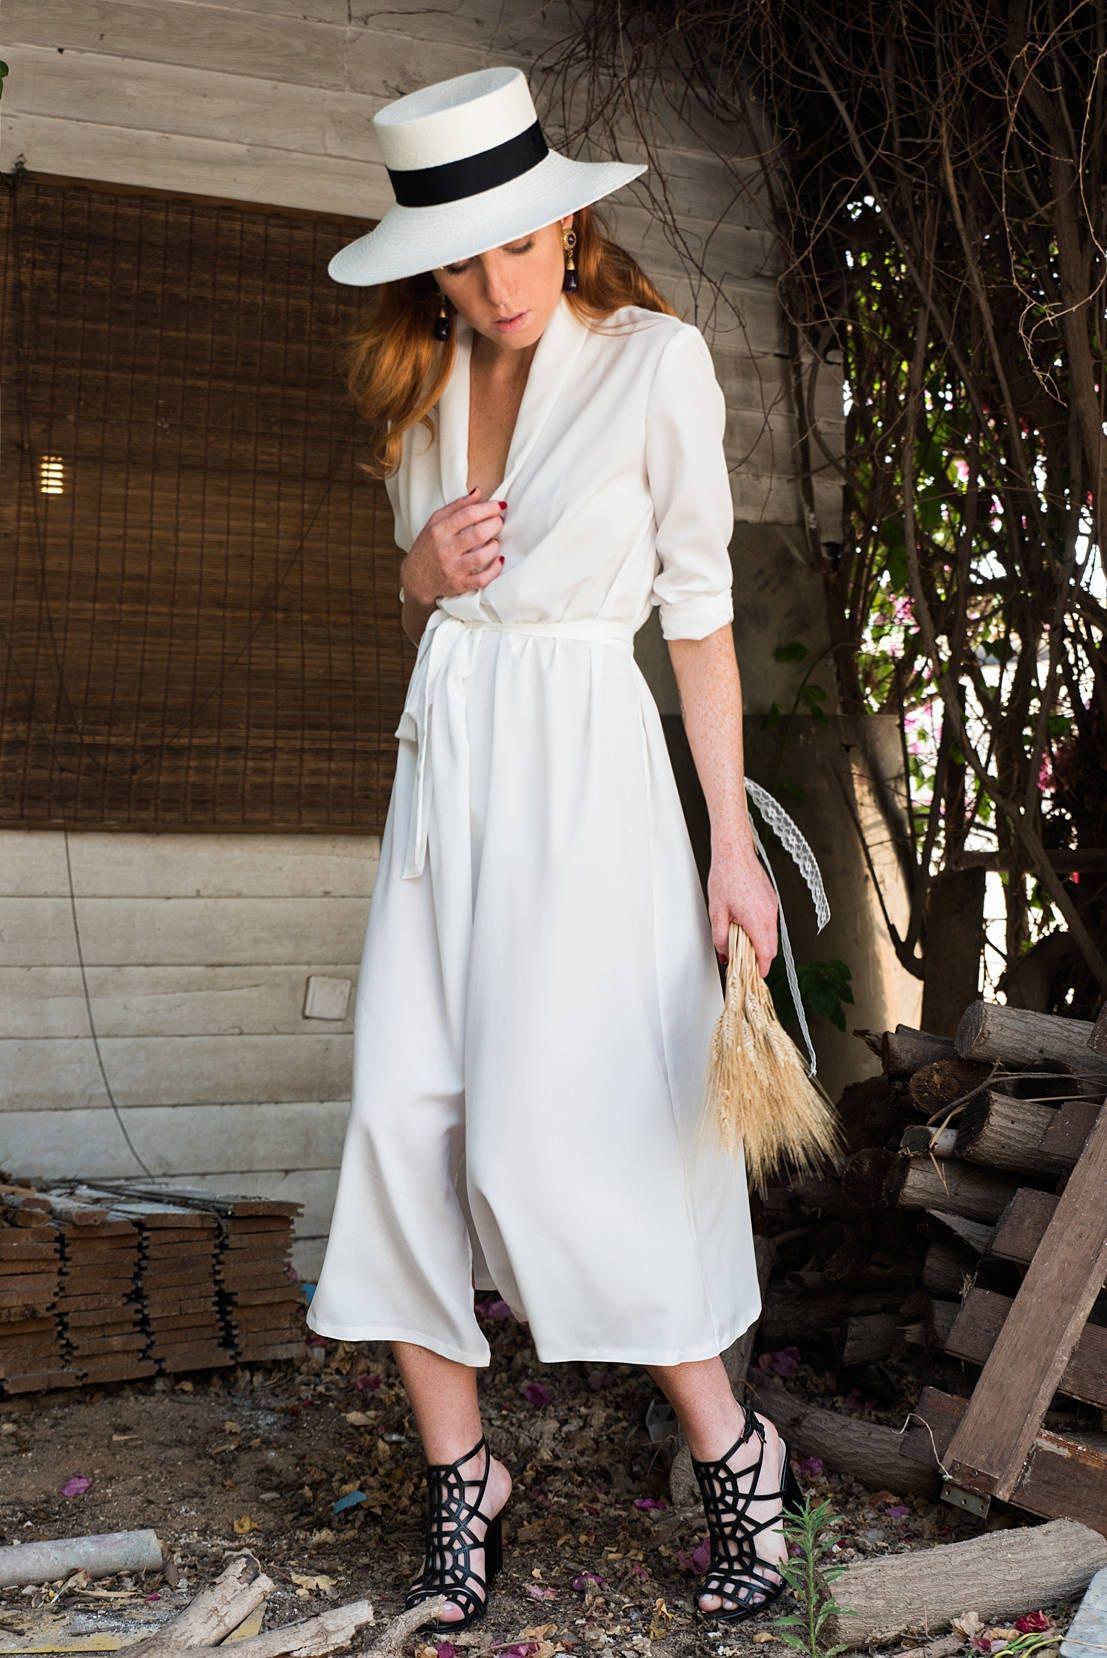 Böhmische Brautkleid weißes Kleid Boho Brautkleid